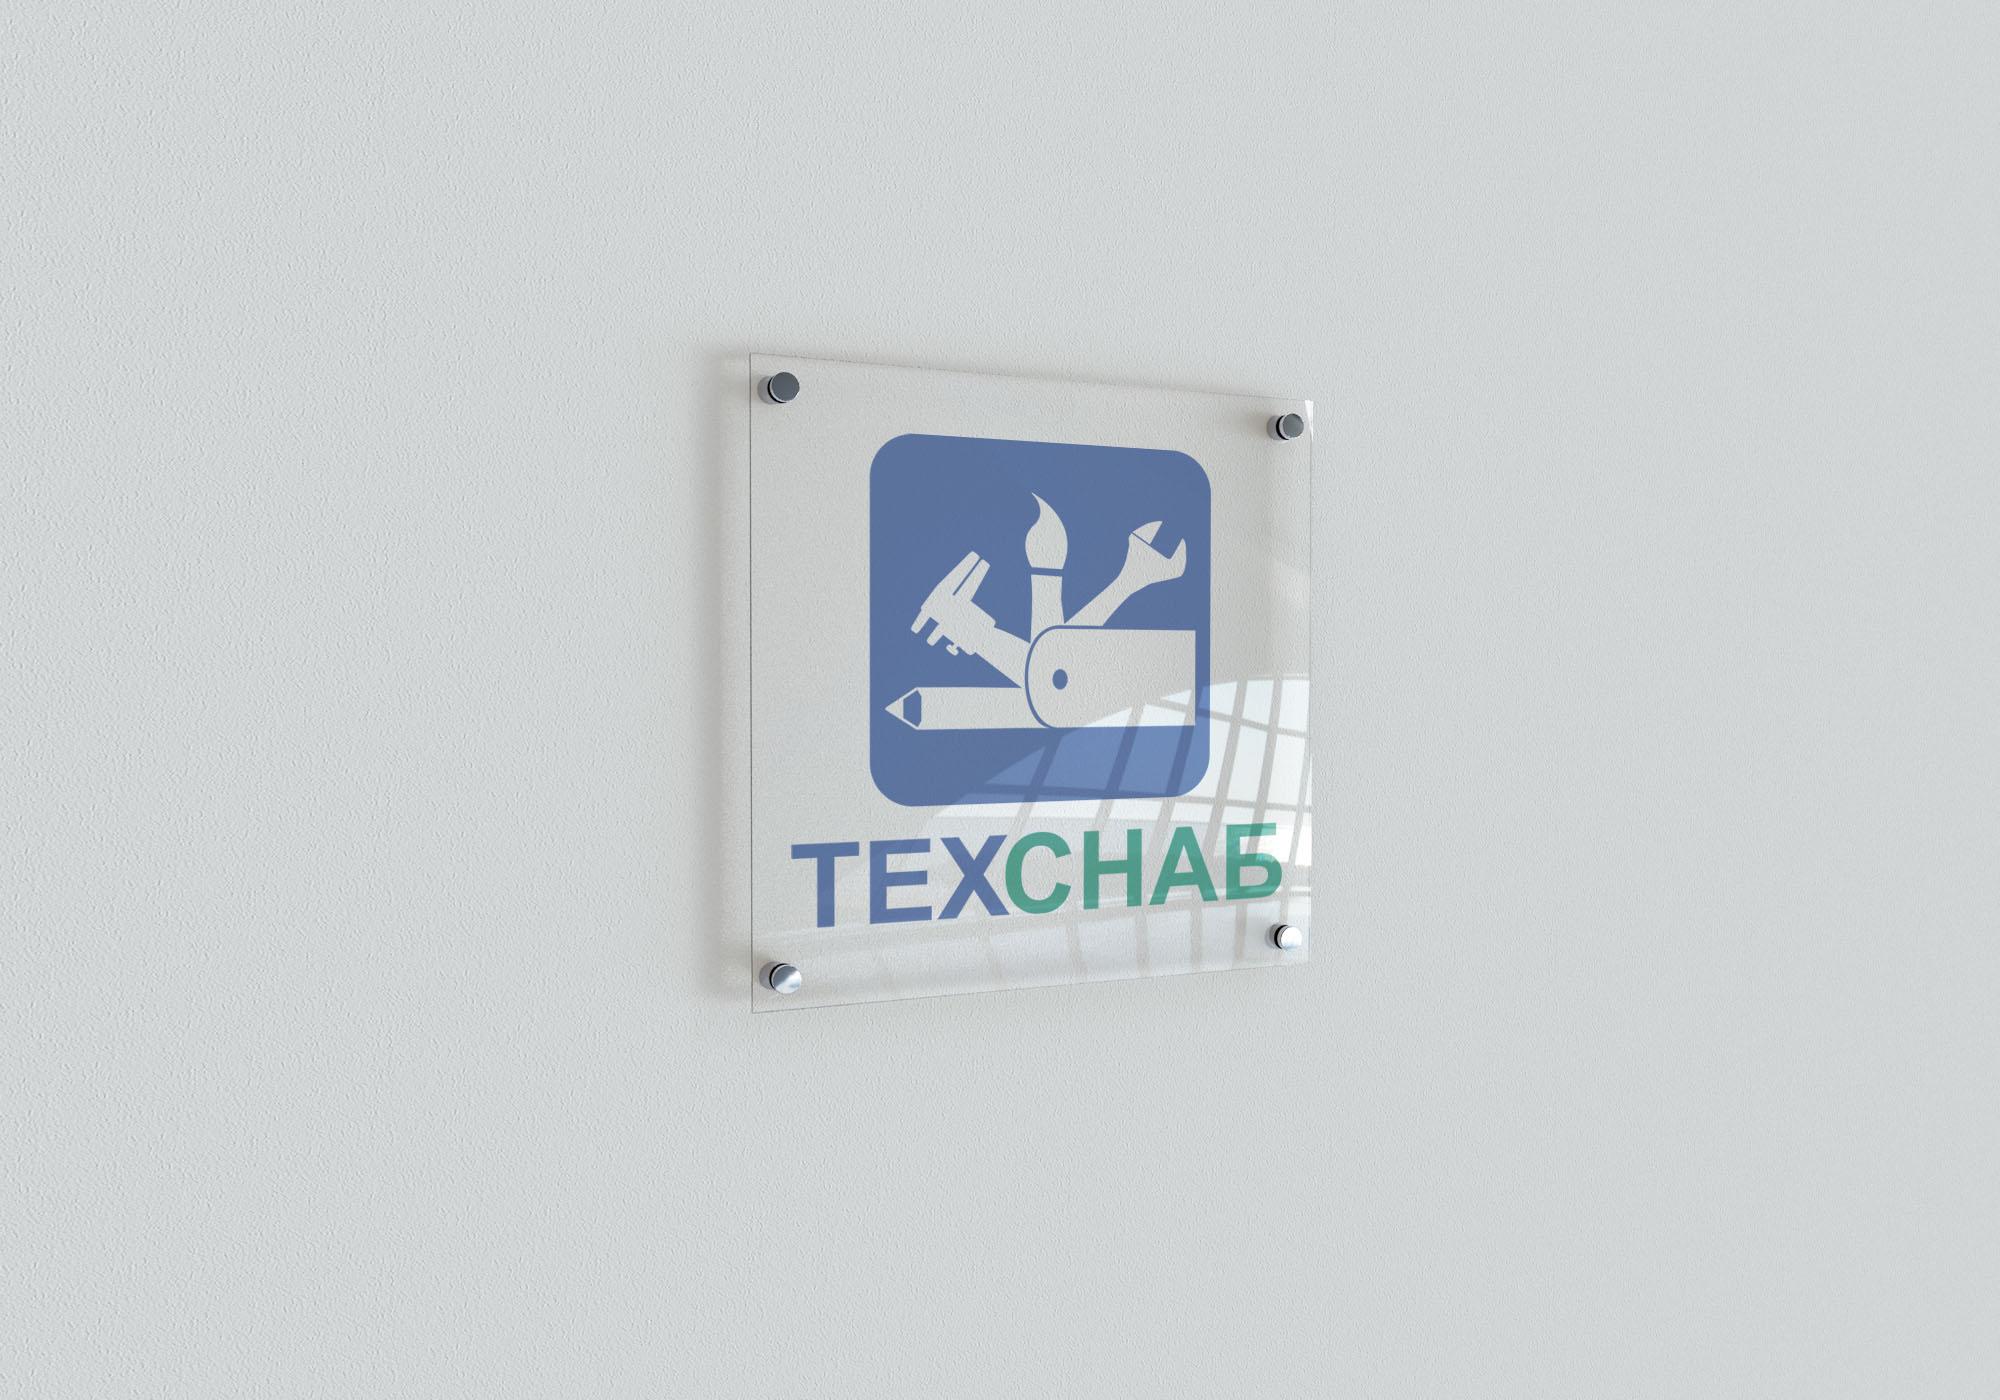 Разработка логотипа и фирм. стиля компании  ТЕХСНАБ фото f_0205b1ead61d8518.jpg